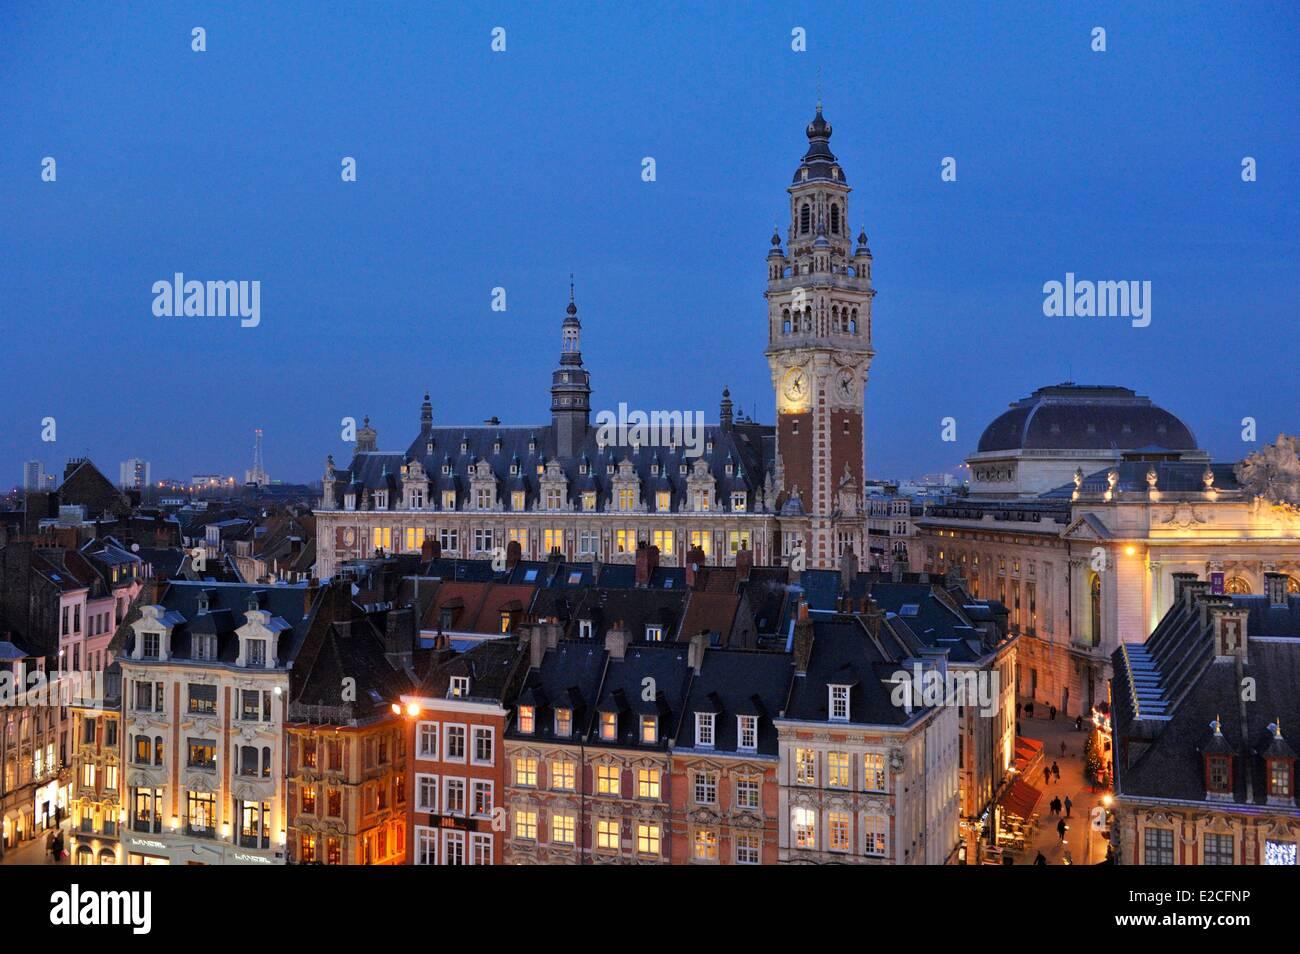 France, Nord, Lille, le beffroi de la Chambre de Commerce et d'Industrie et de l'Opéra vu par nuit Photo Stock